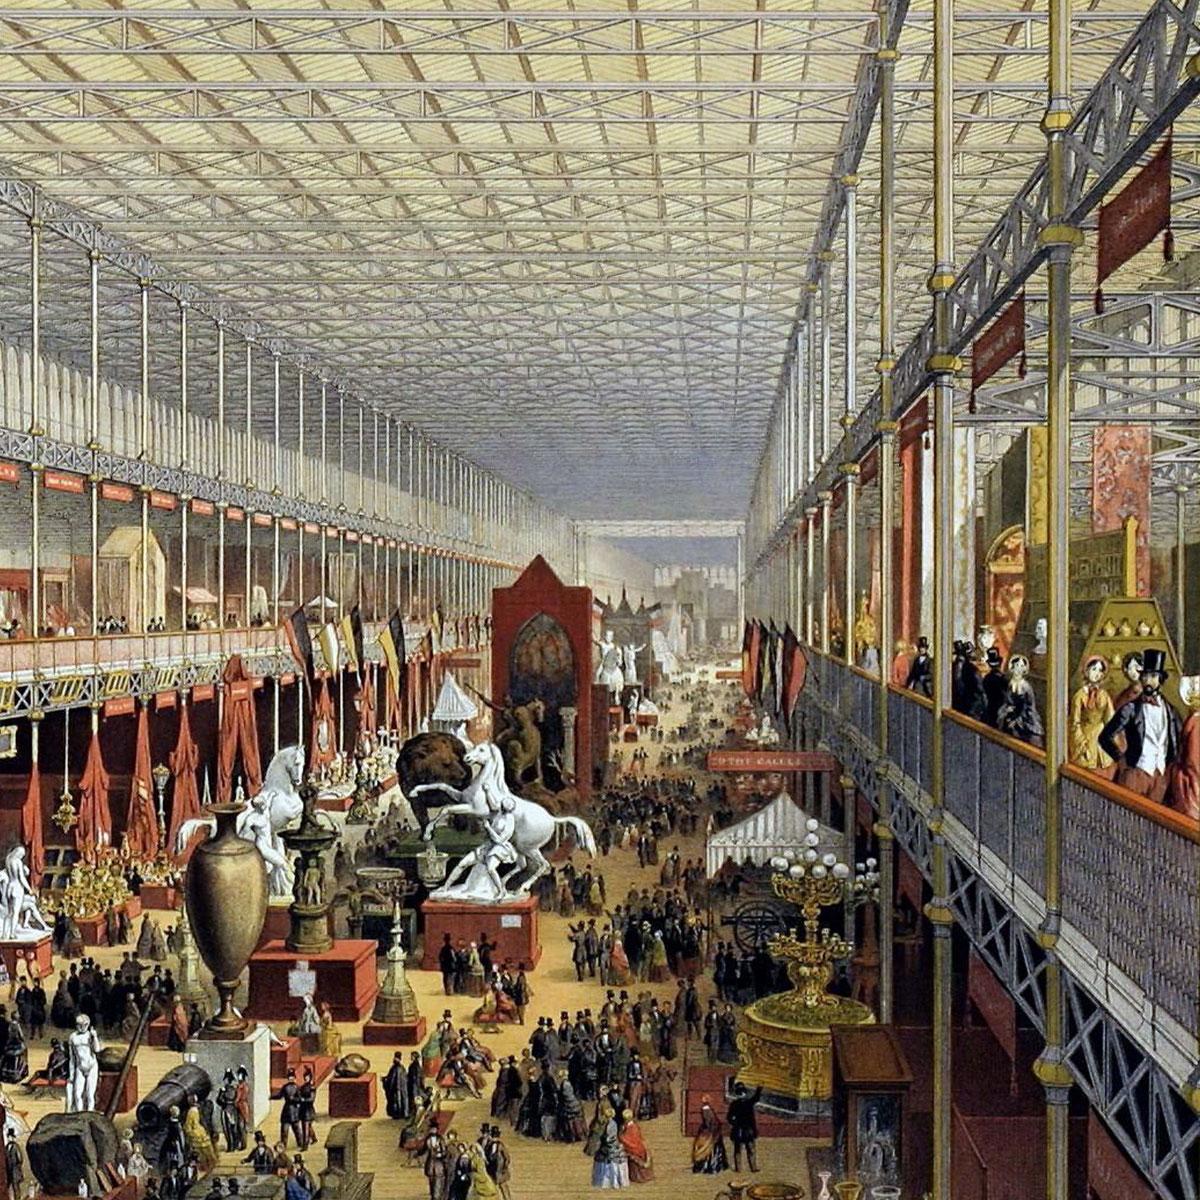 gemalte Szenerie der Weltausstellung, die das bunte Treiben zeigt.